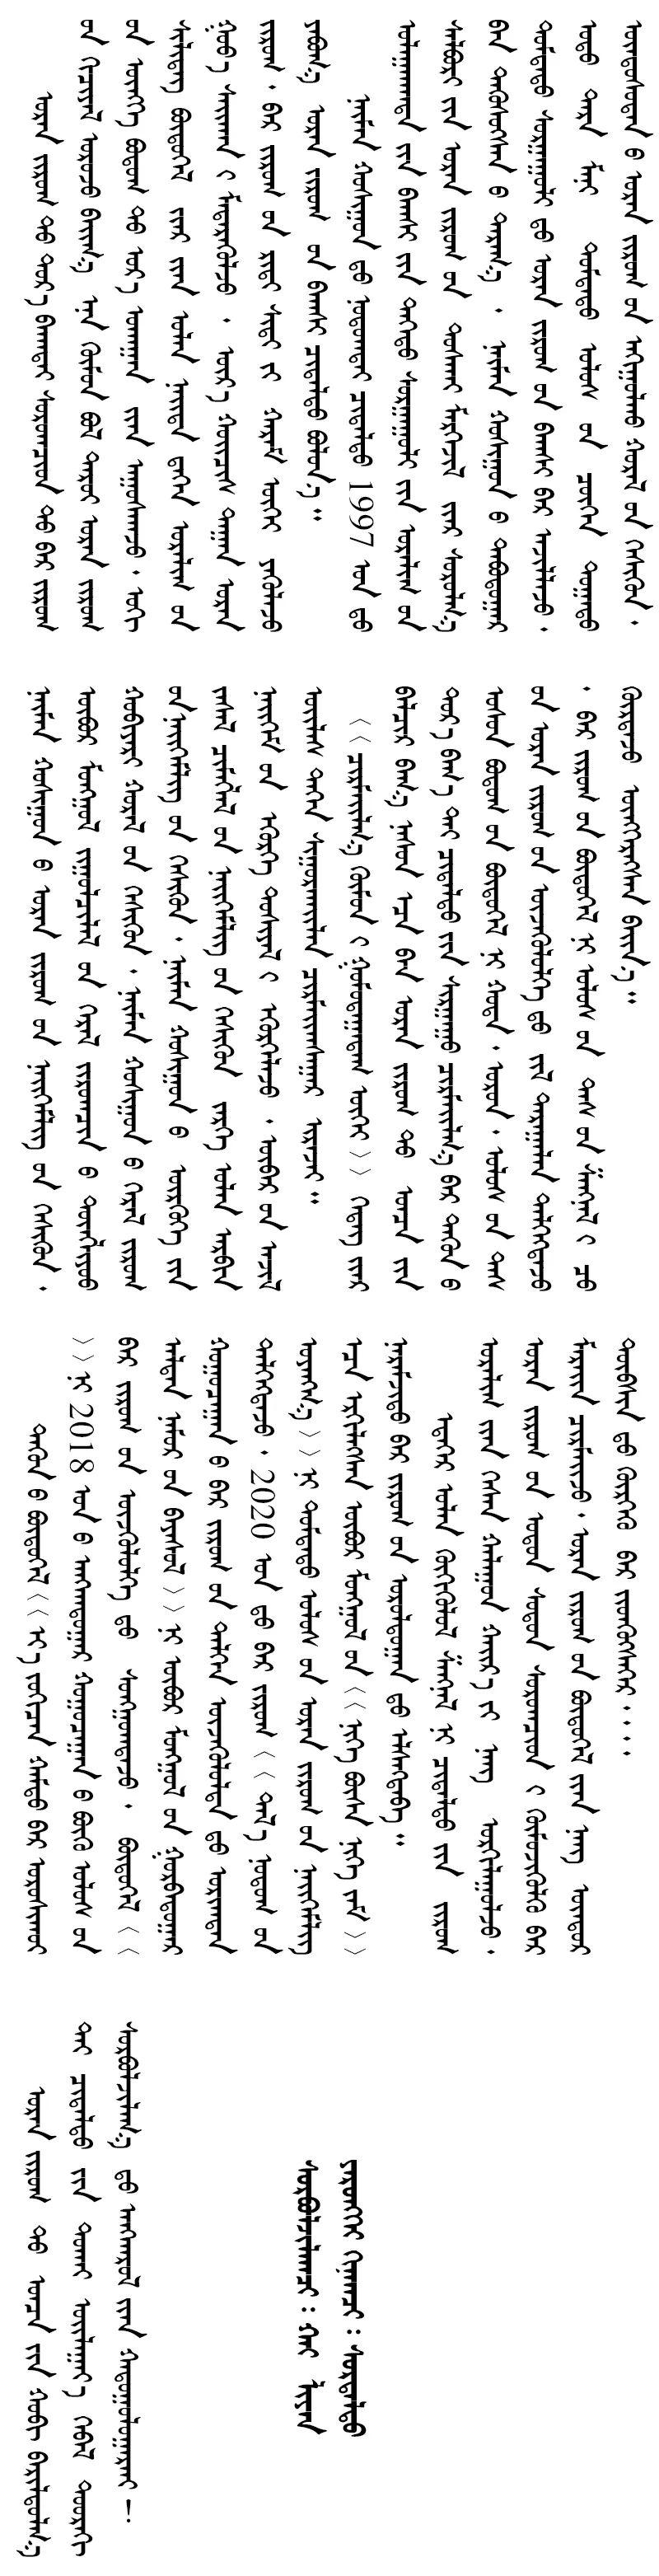 齐达拉图与版画 第2张 齐达拉图与版画 蒙古画廊